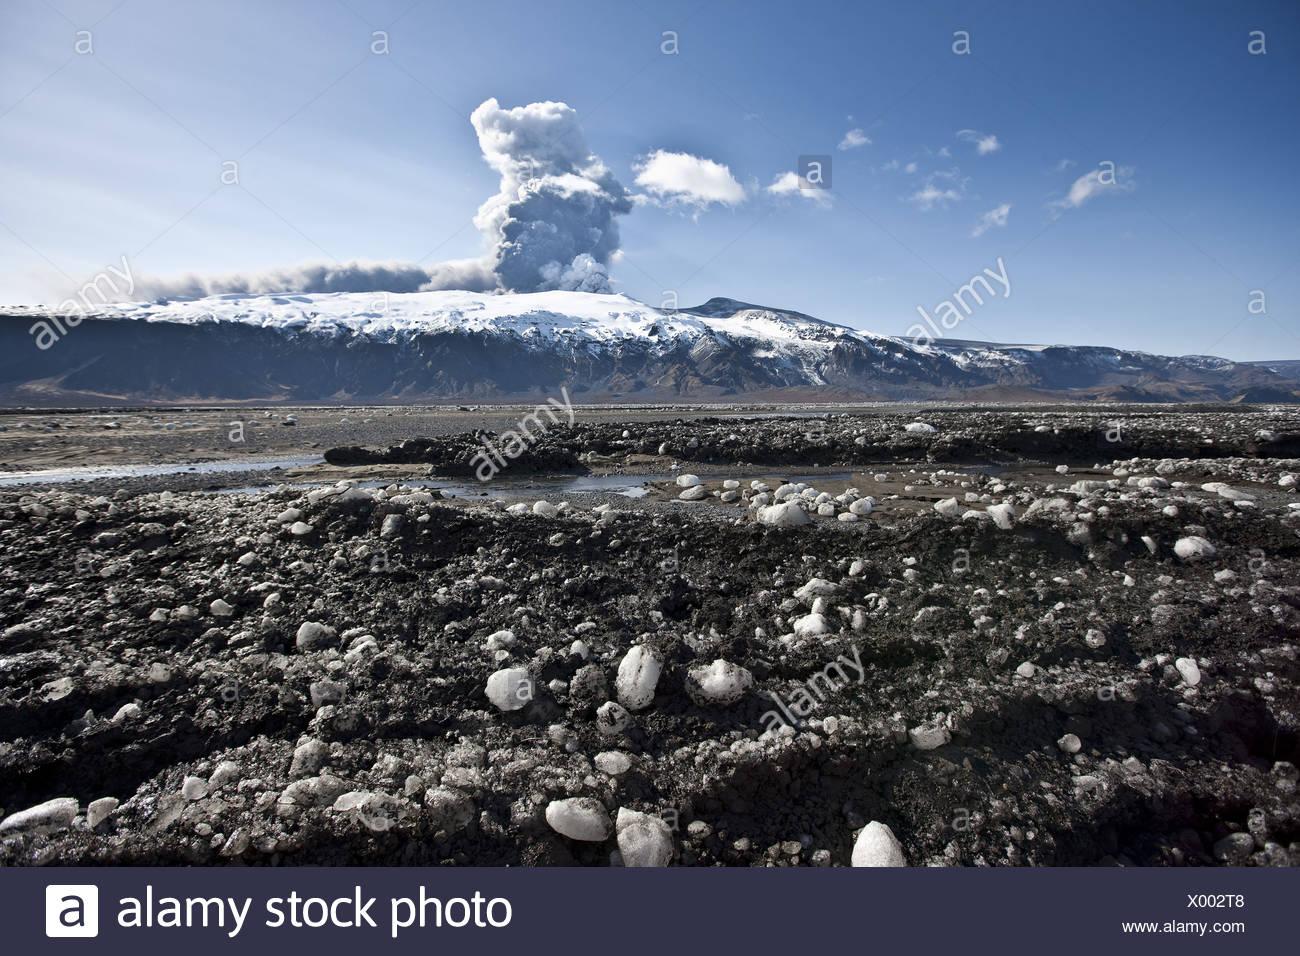 Asche und Schmutz auf Schnee aus Vulkanasche-Wolke wegen Ausbruch des Eyjafjalljokull-Gletschers, Island Stockbild